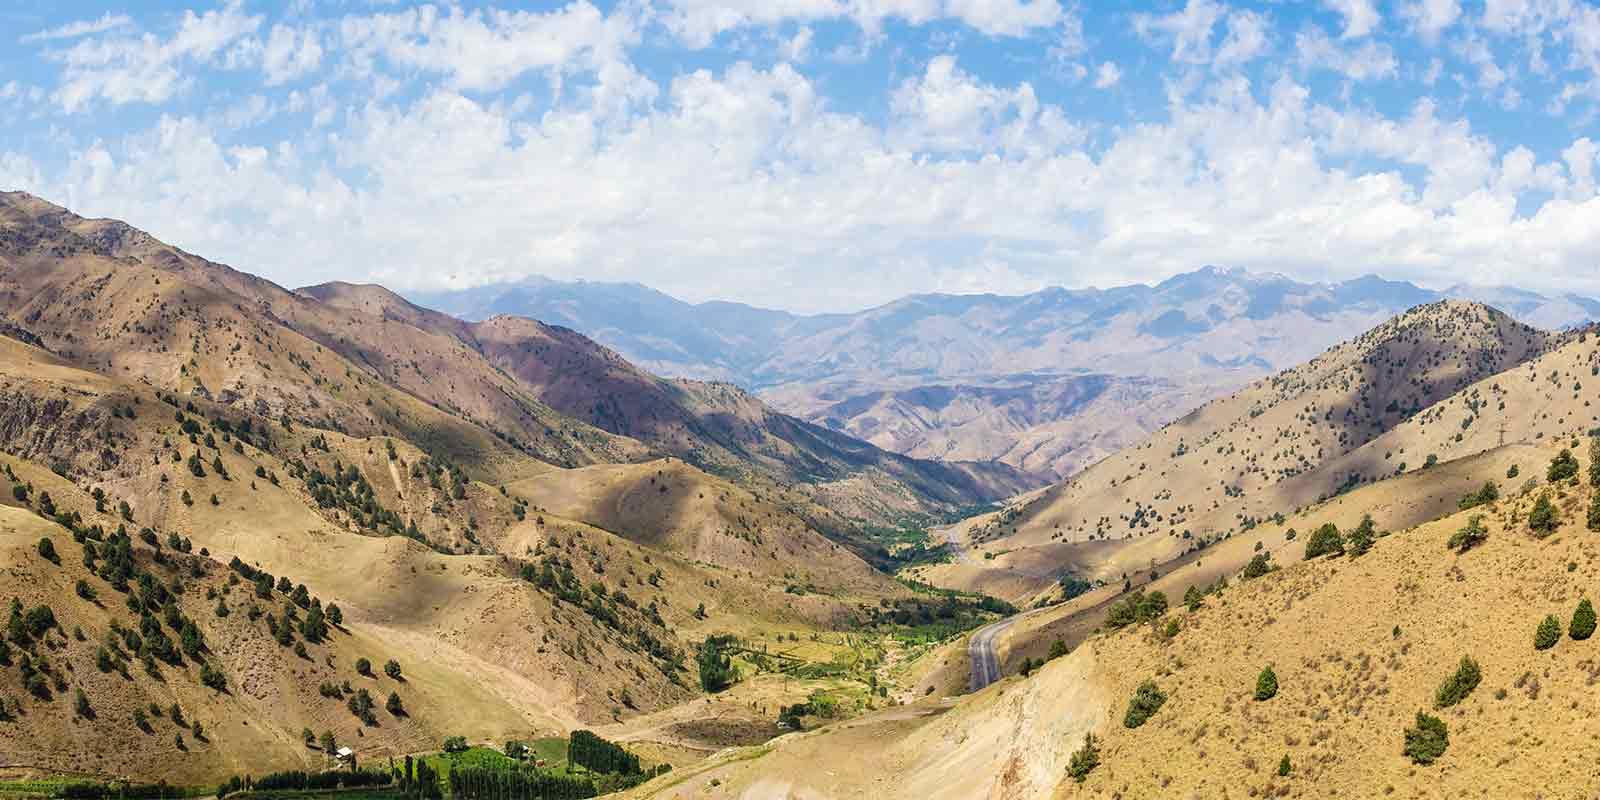 Kamchik Mountain pass in Uzbekistan